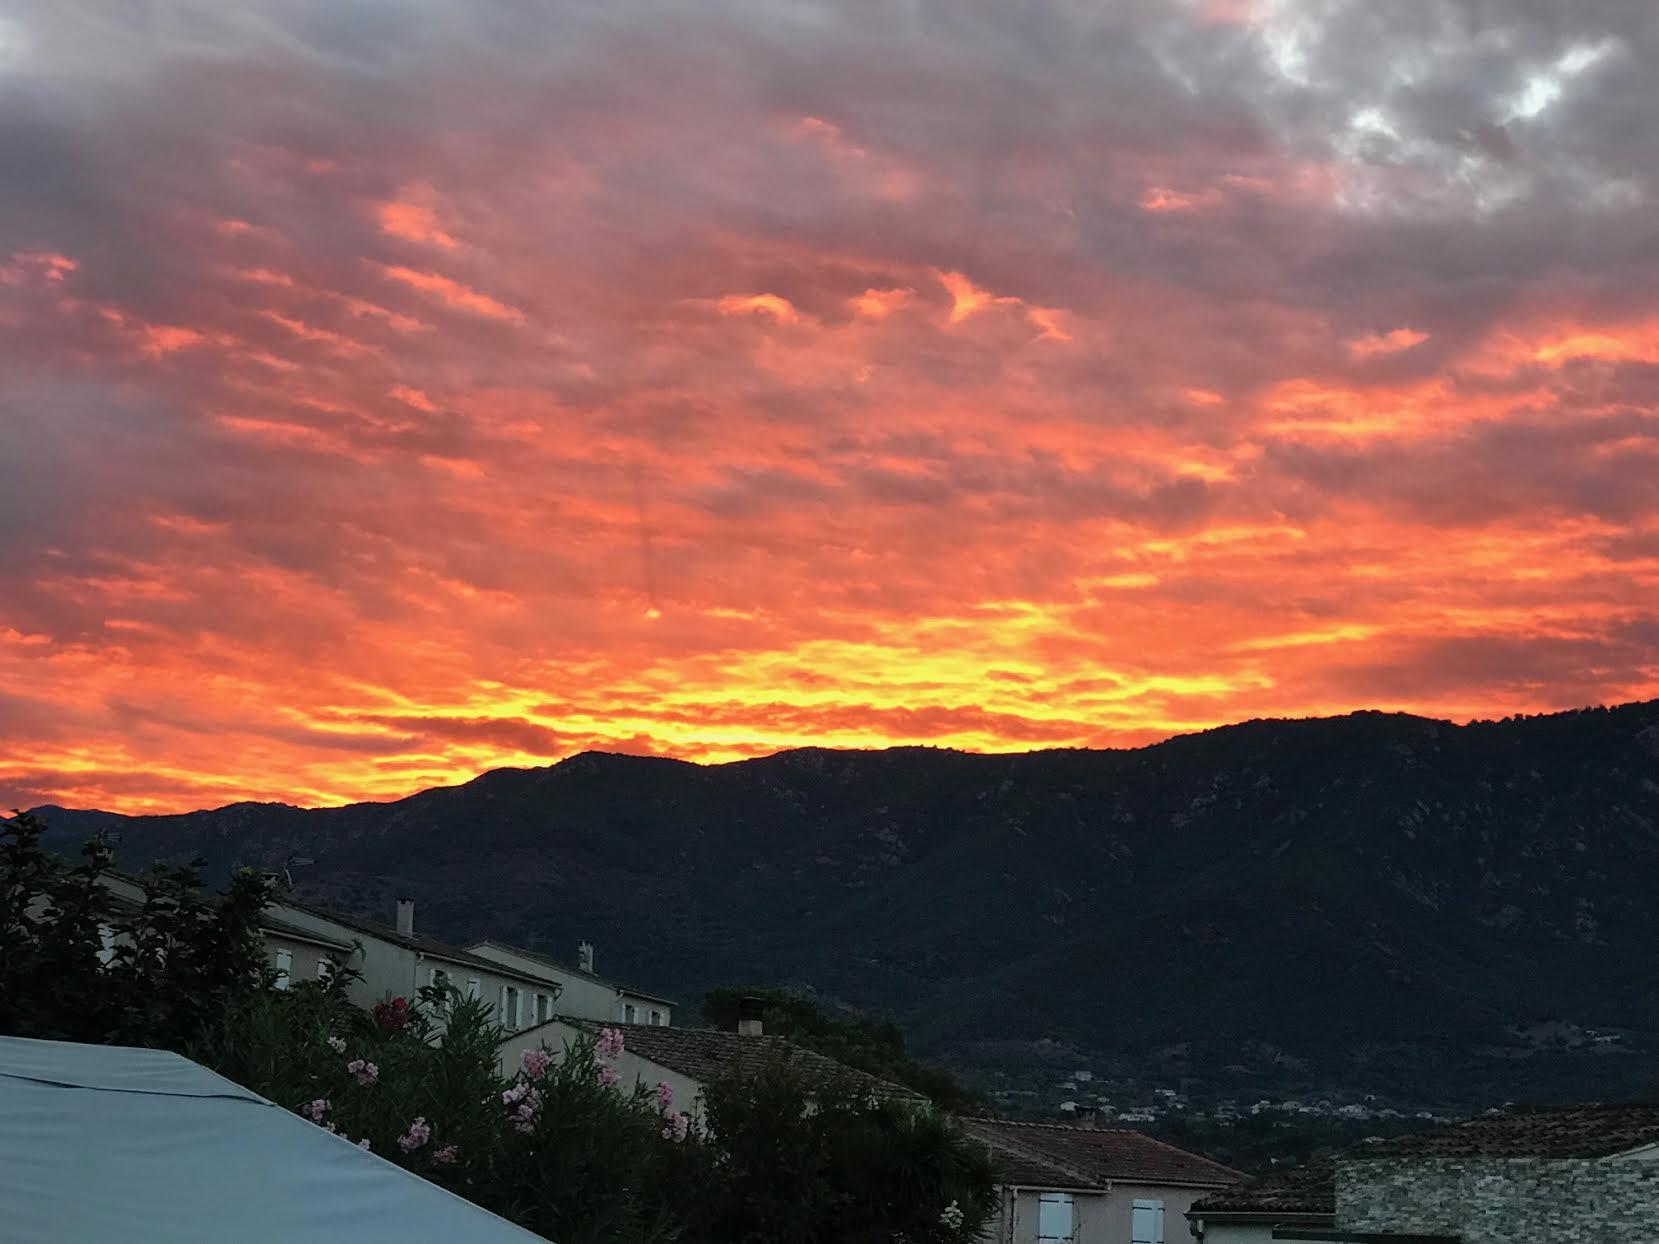 Vue du lever du soleil depuis Baleone, sur le Monte Aragnasca. (Paulo Payen-Frassati)